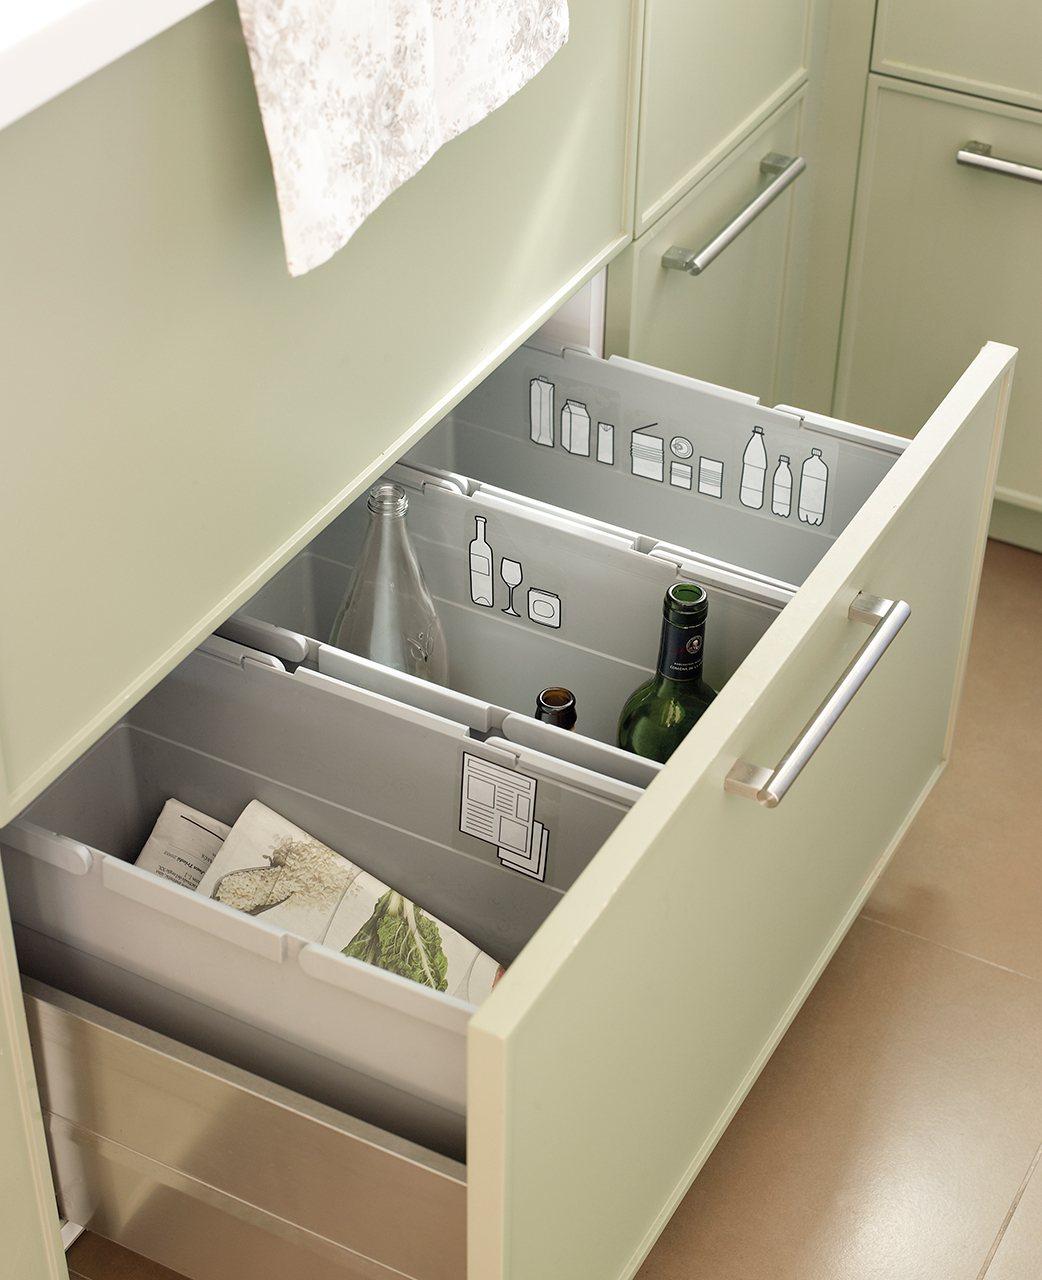 Organiza la cocina y tenlo todo a mano for Separadores cajones cocina